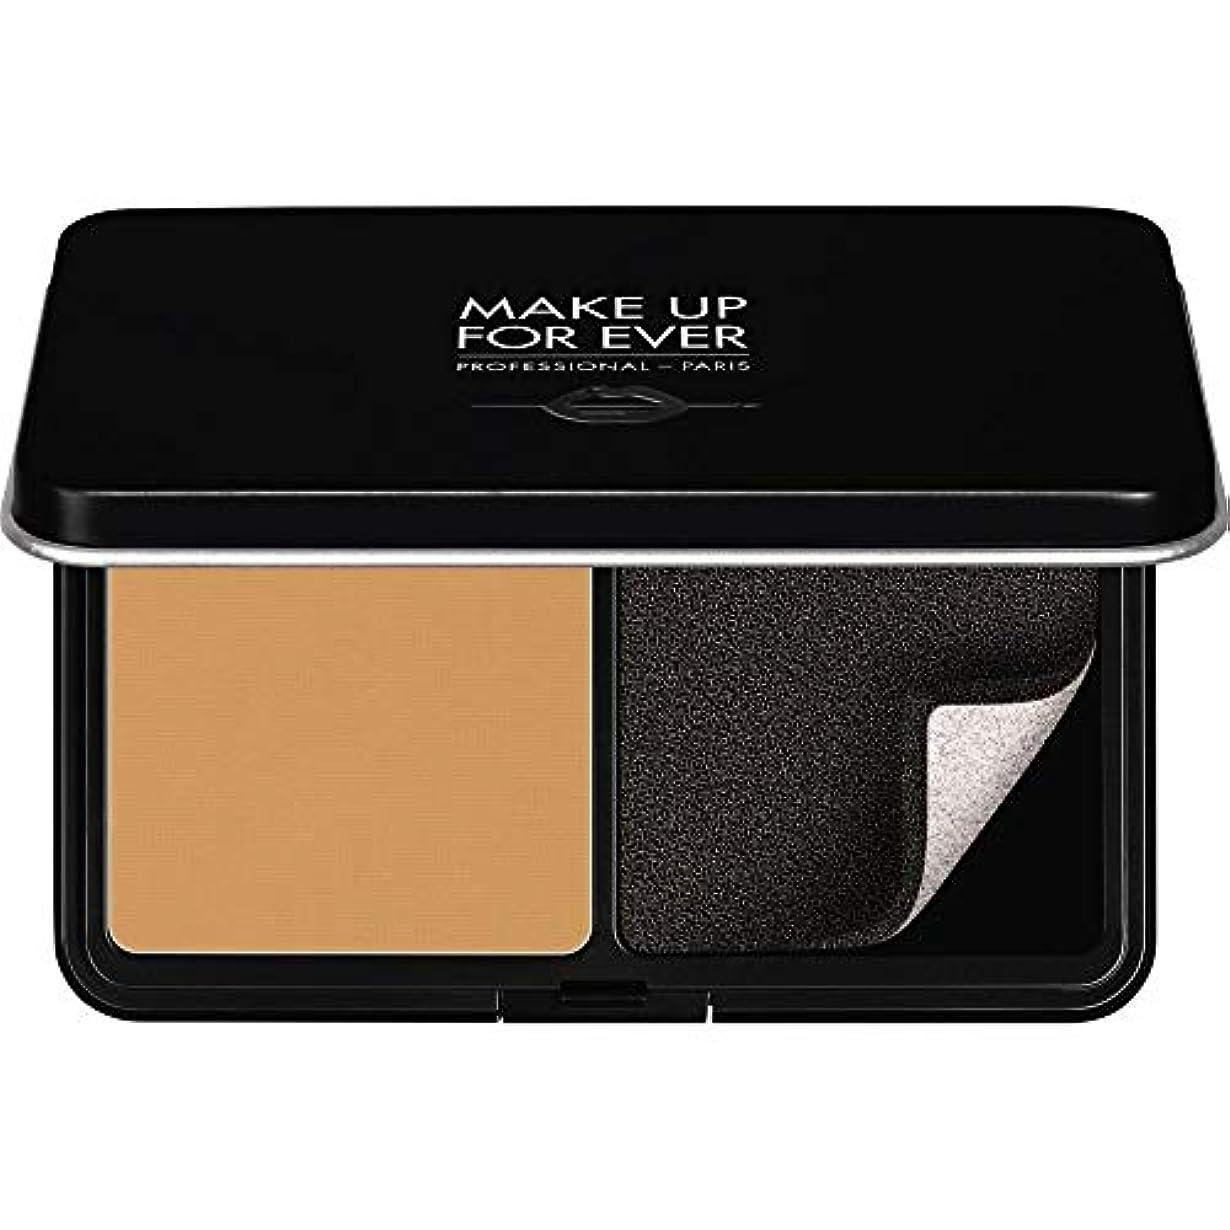 速報上昇追い出す[MAKE UP FOR EVER ] パウダーファンデーション11GののY405をぼかし、これまでマットベルベットの肌を補う - 黄金の蜂蜜 - MAKE UP FOR EVER Matte Velvet Skin Blurring...